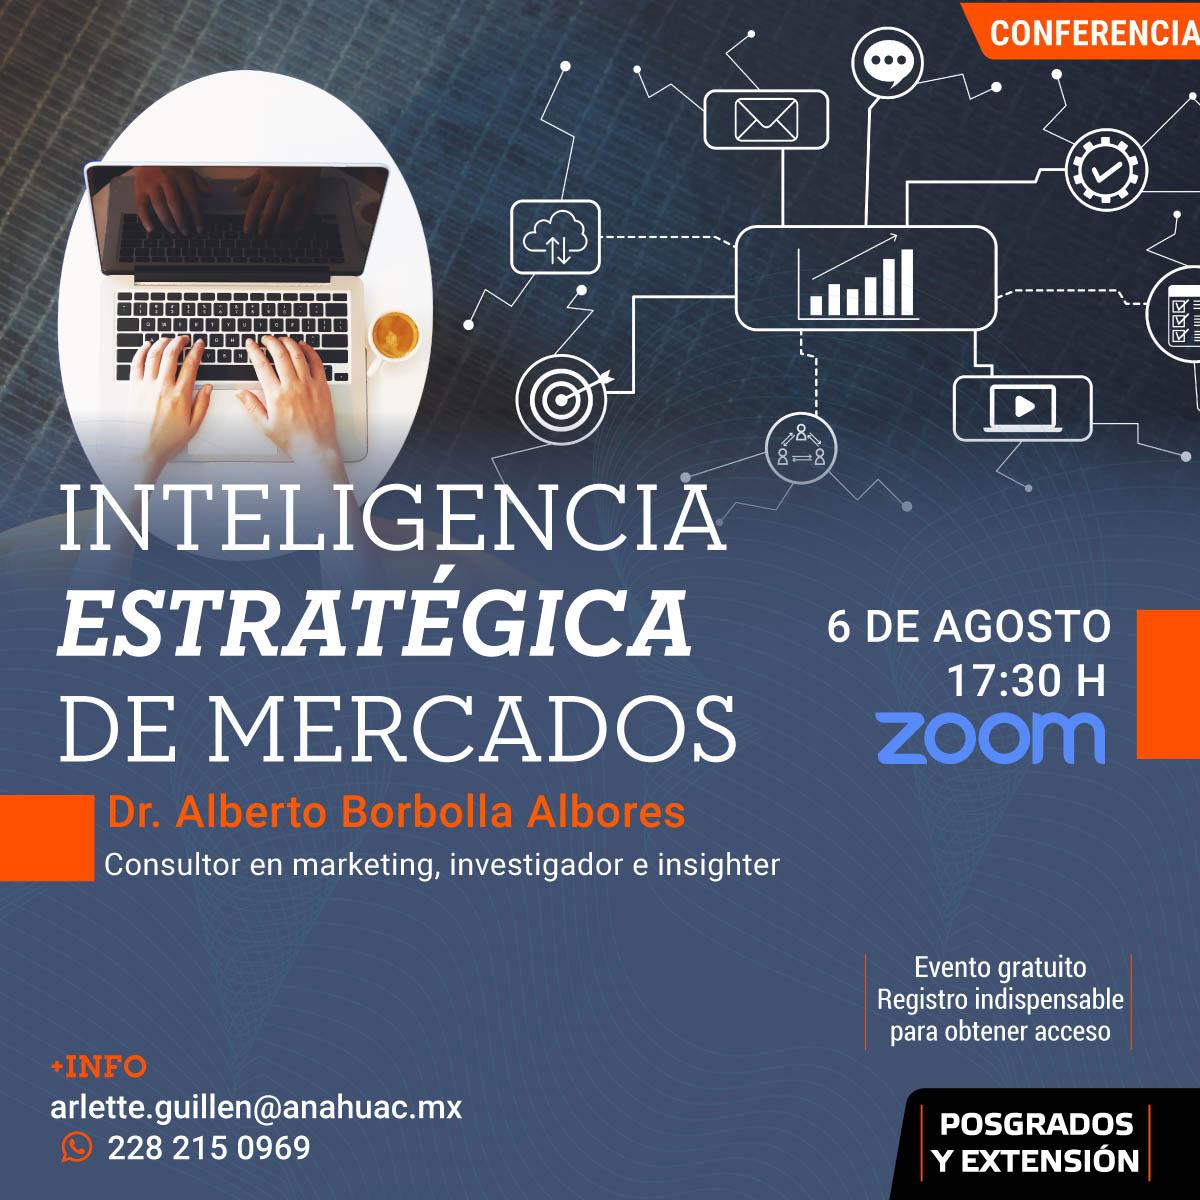 Inteligencia Estratégica de Mercados